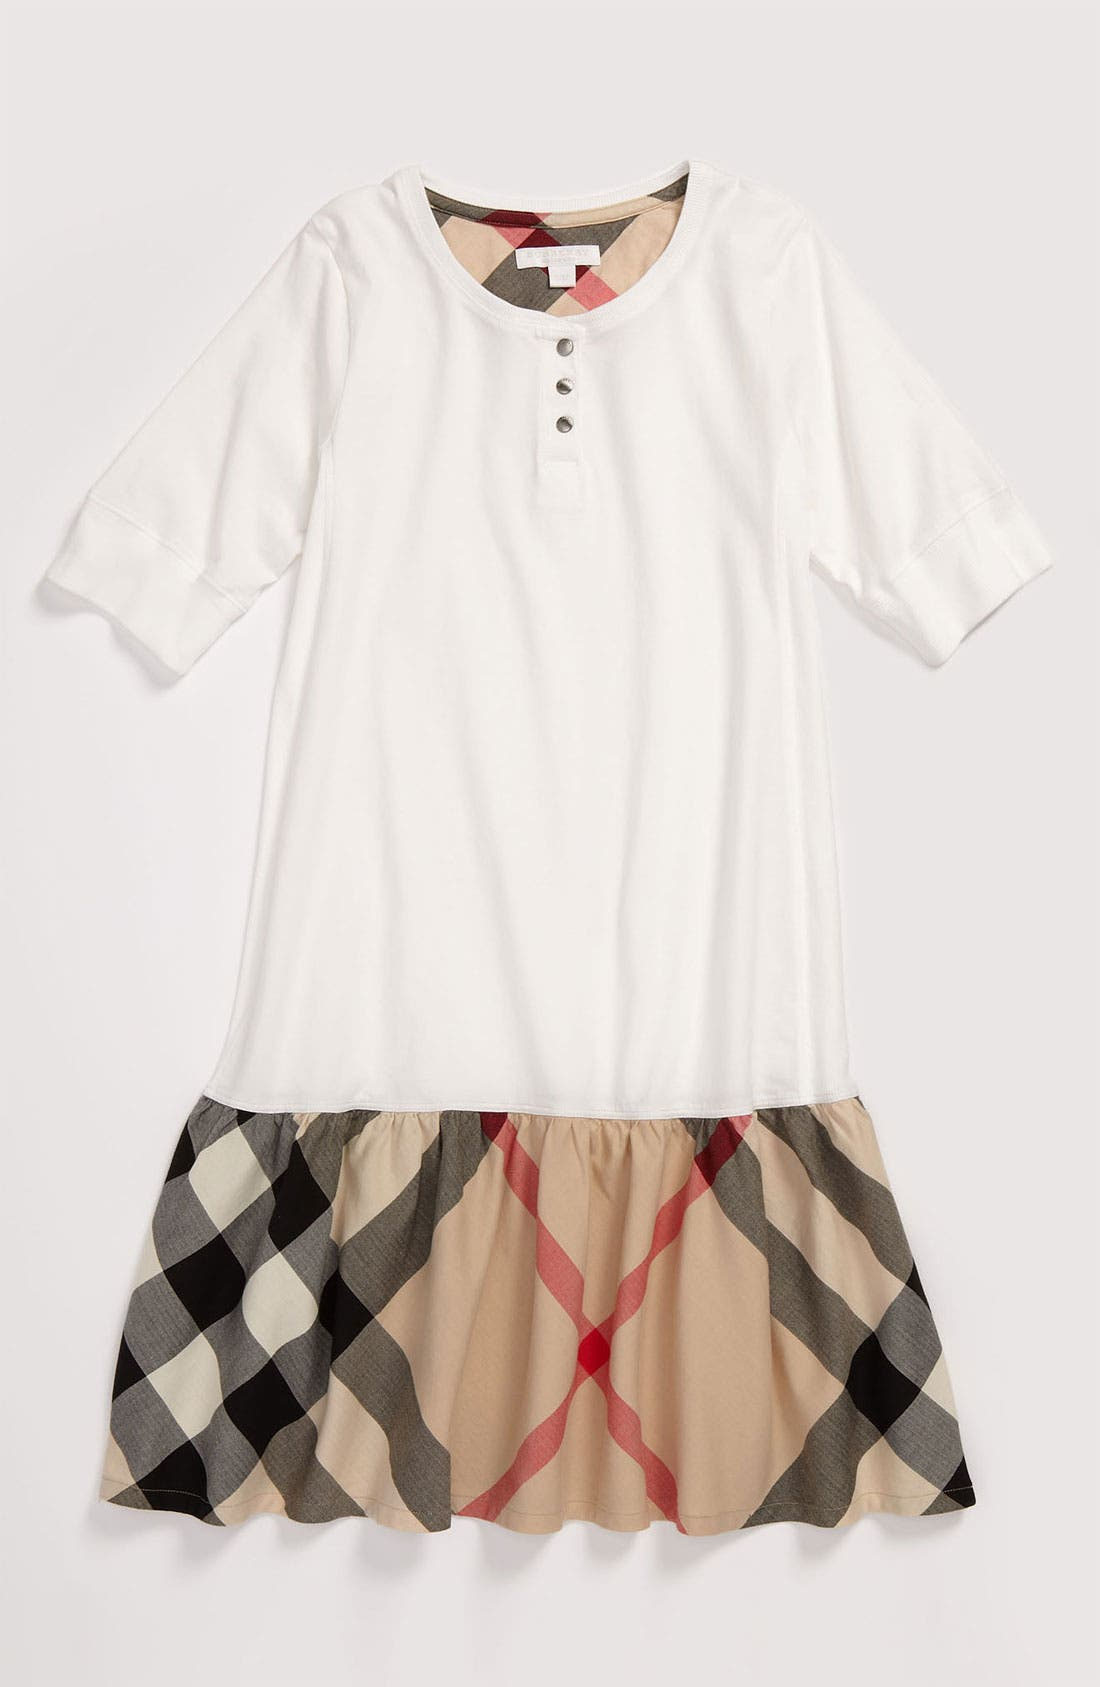 Main Image - Burberry Drop Waist Jersey Dress (Little Girls & Big Girls)